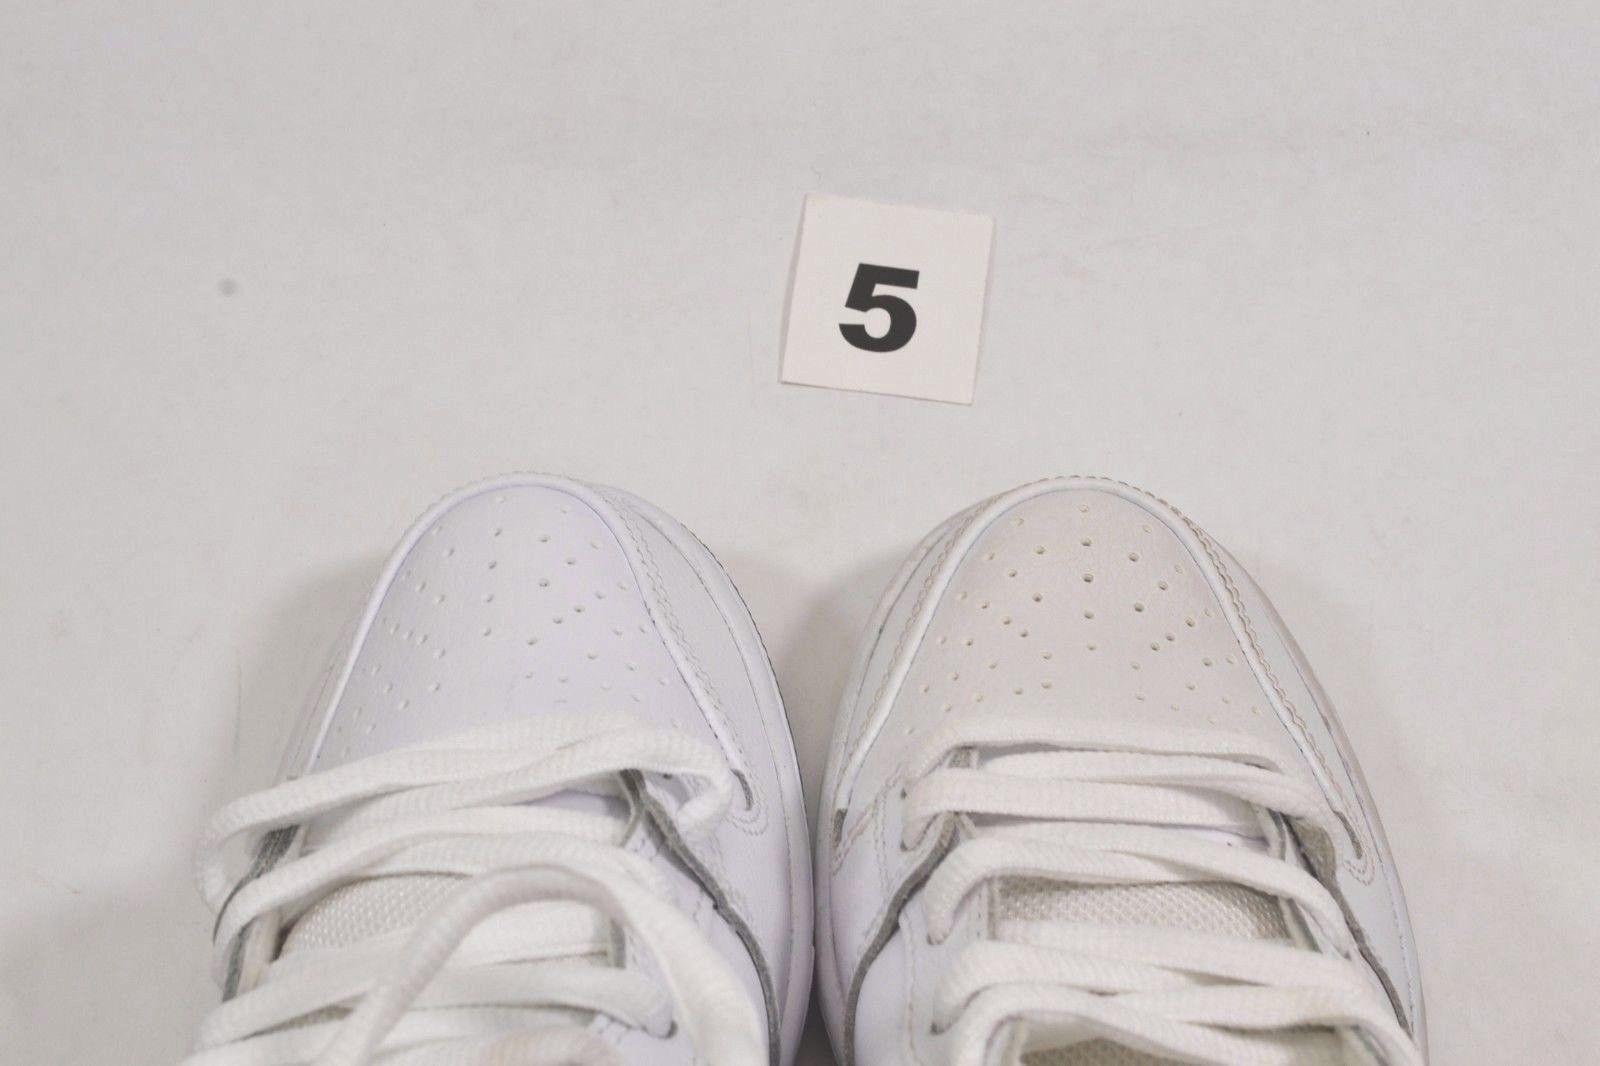 dc0c6f04e1a92 Nike Mens Dunk High Pro SB White light Base Grey 305050-113 7 for ...